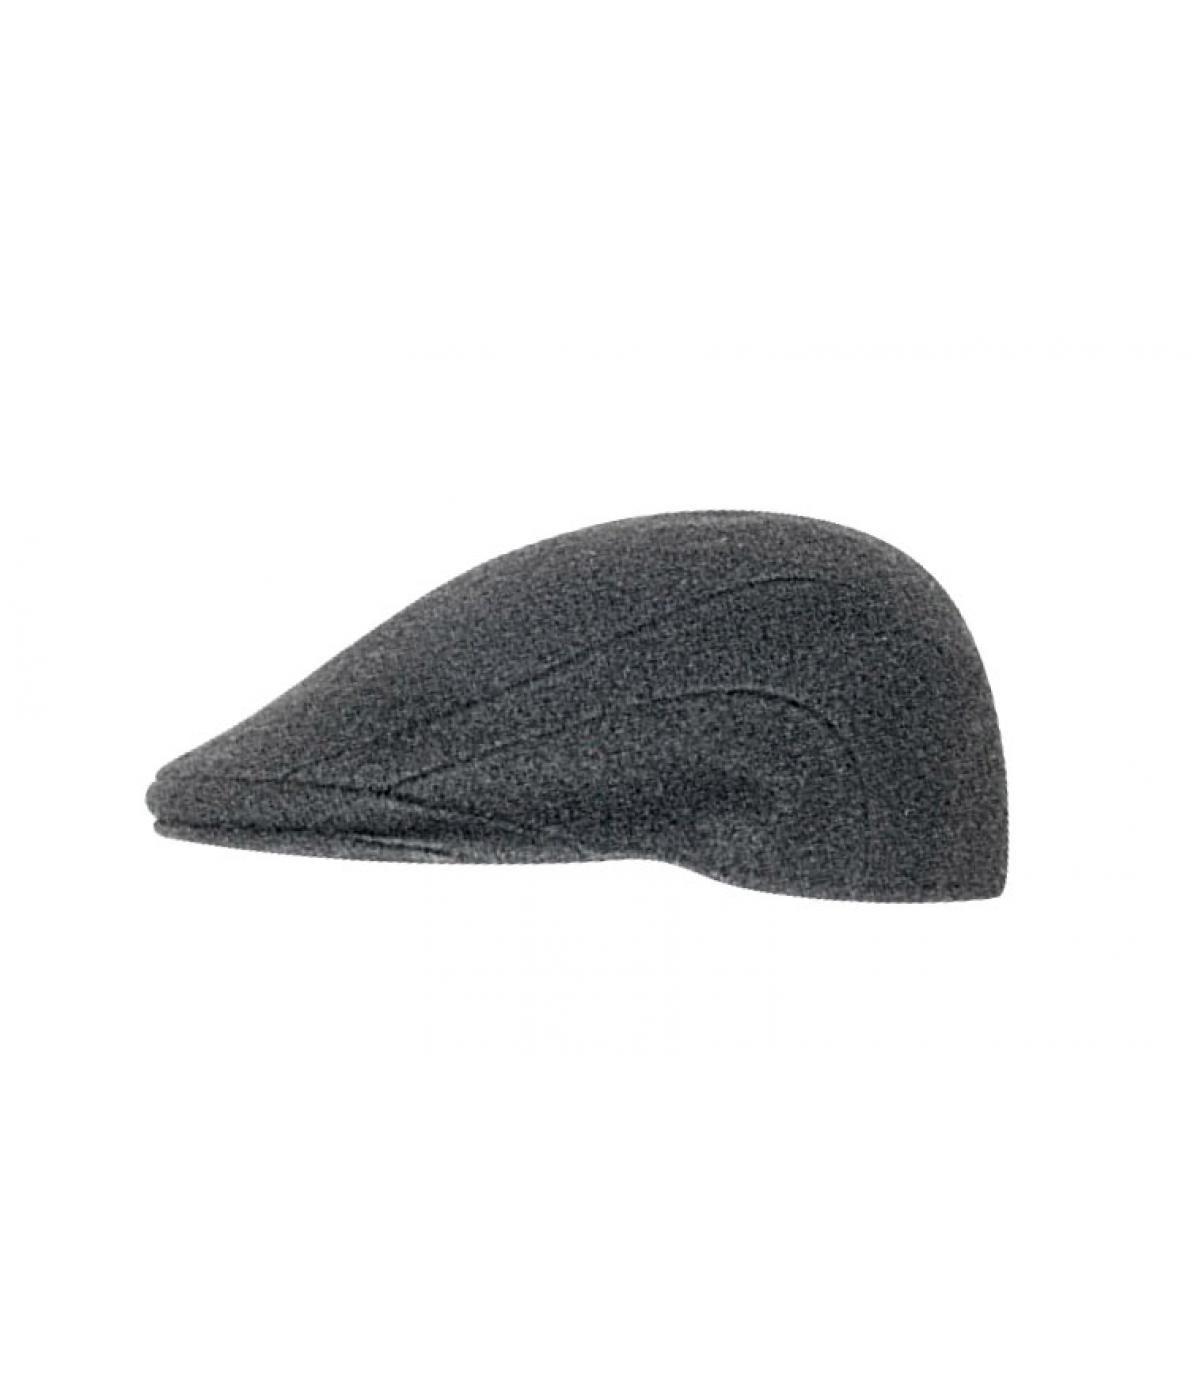 Détails 507 wool gris - image 1